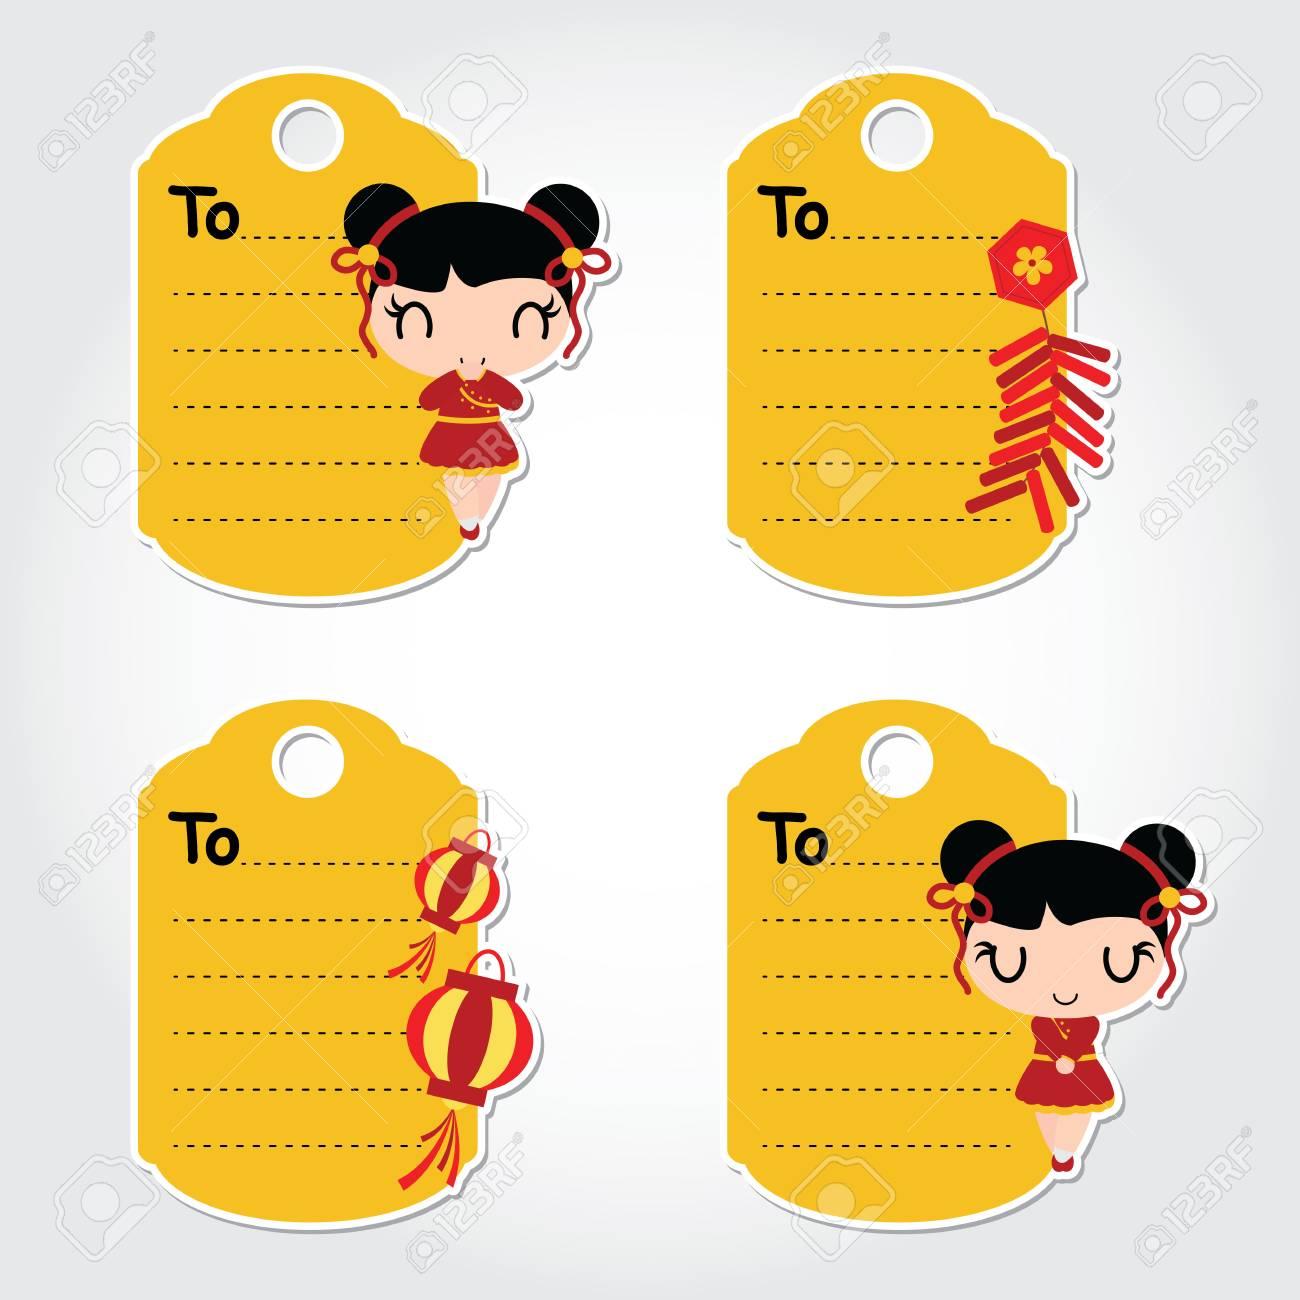 ベクトル漫画イラストをかわいい中国の女の子中国の旧正月タグ設計のため のイラスト素材 ベクタ Image